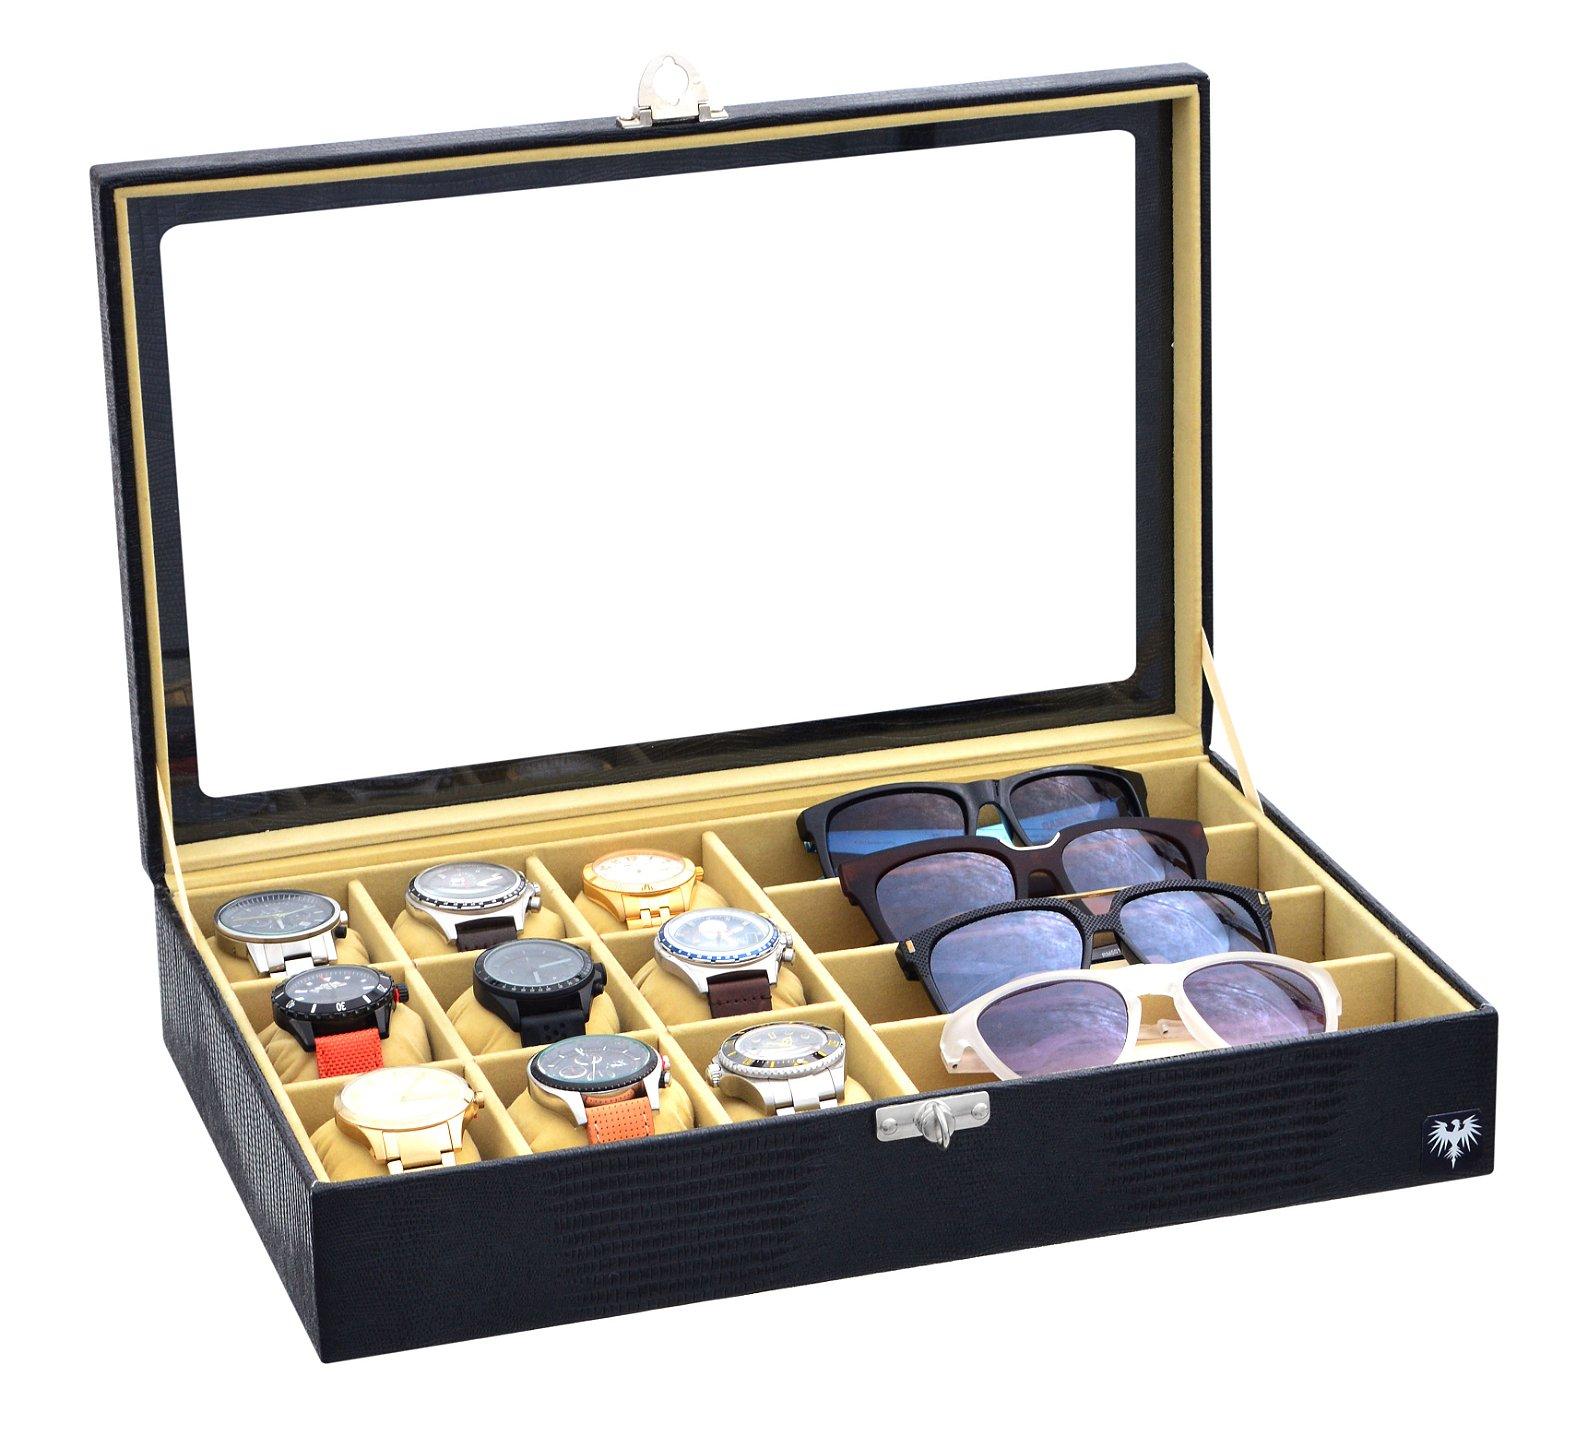 estojo-couro-eco-9-relogios-4-oculos-preto-bege-porta-caixa-imagem-4.jpg